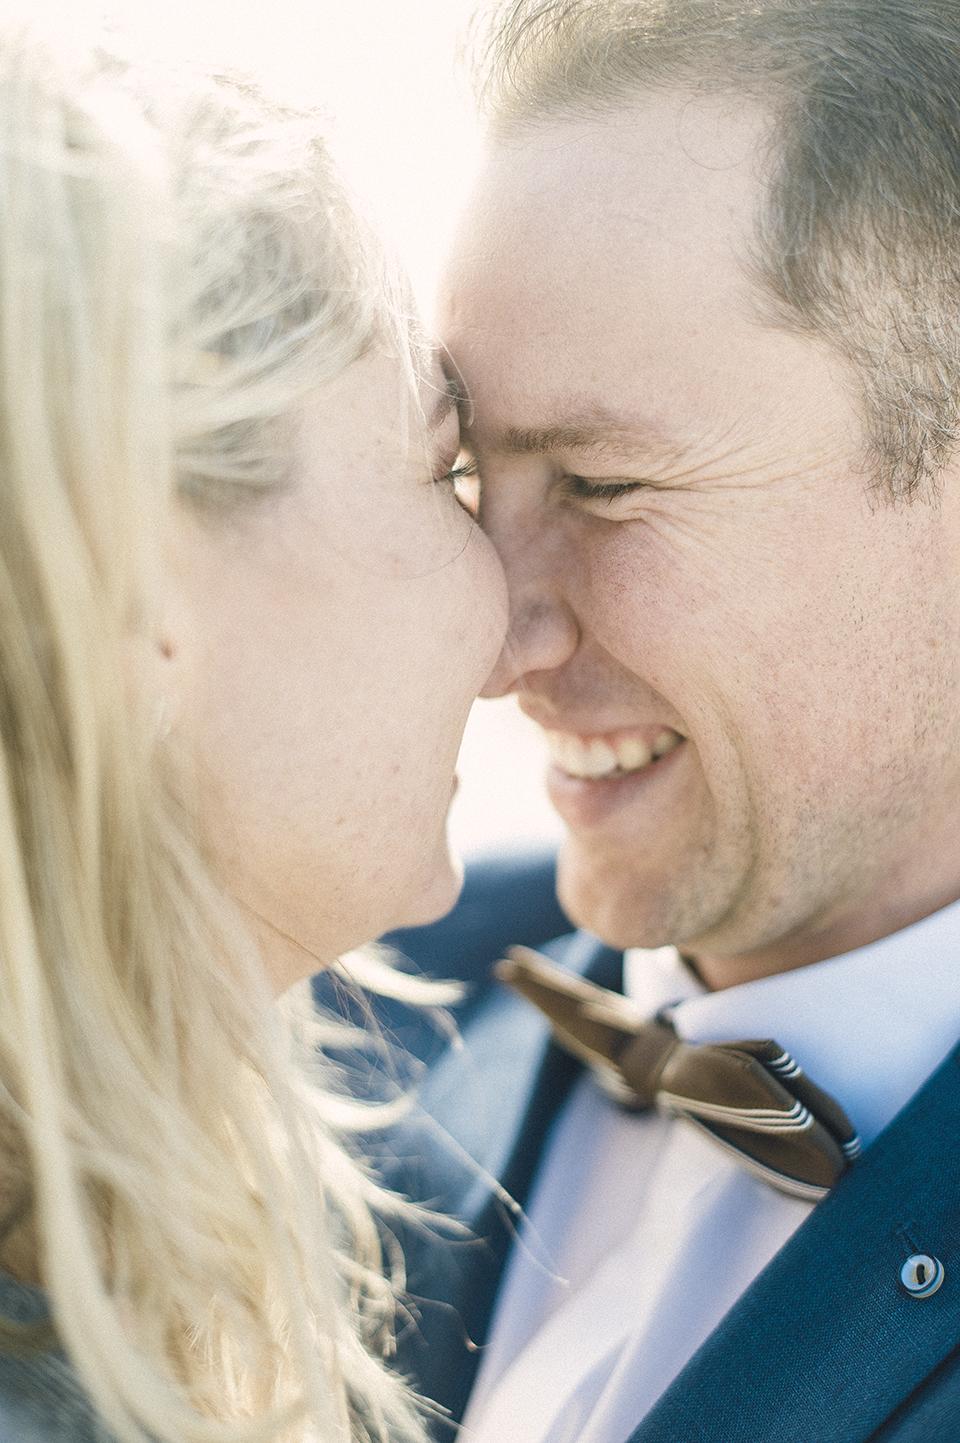 RyanParker_WeddingPhotographer_CapeTown_Hermanus_PringleBay_SouthAfrica_T&R_DSC_5674.jpg